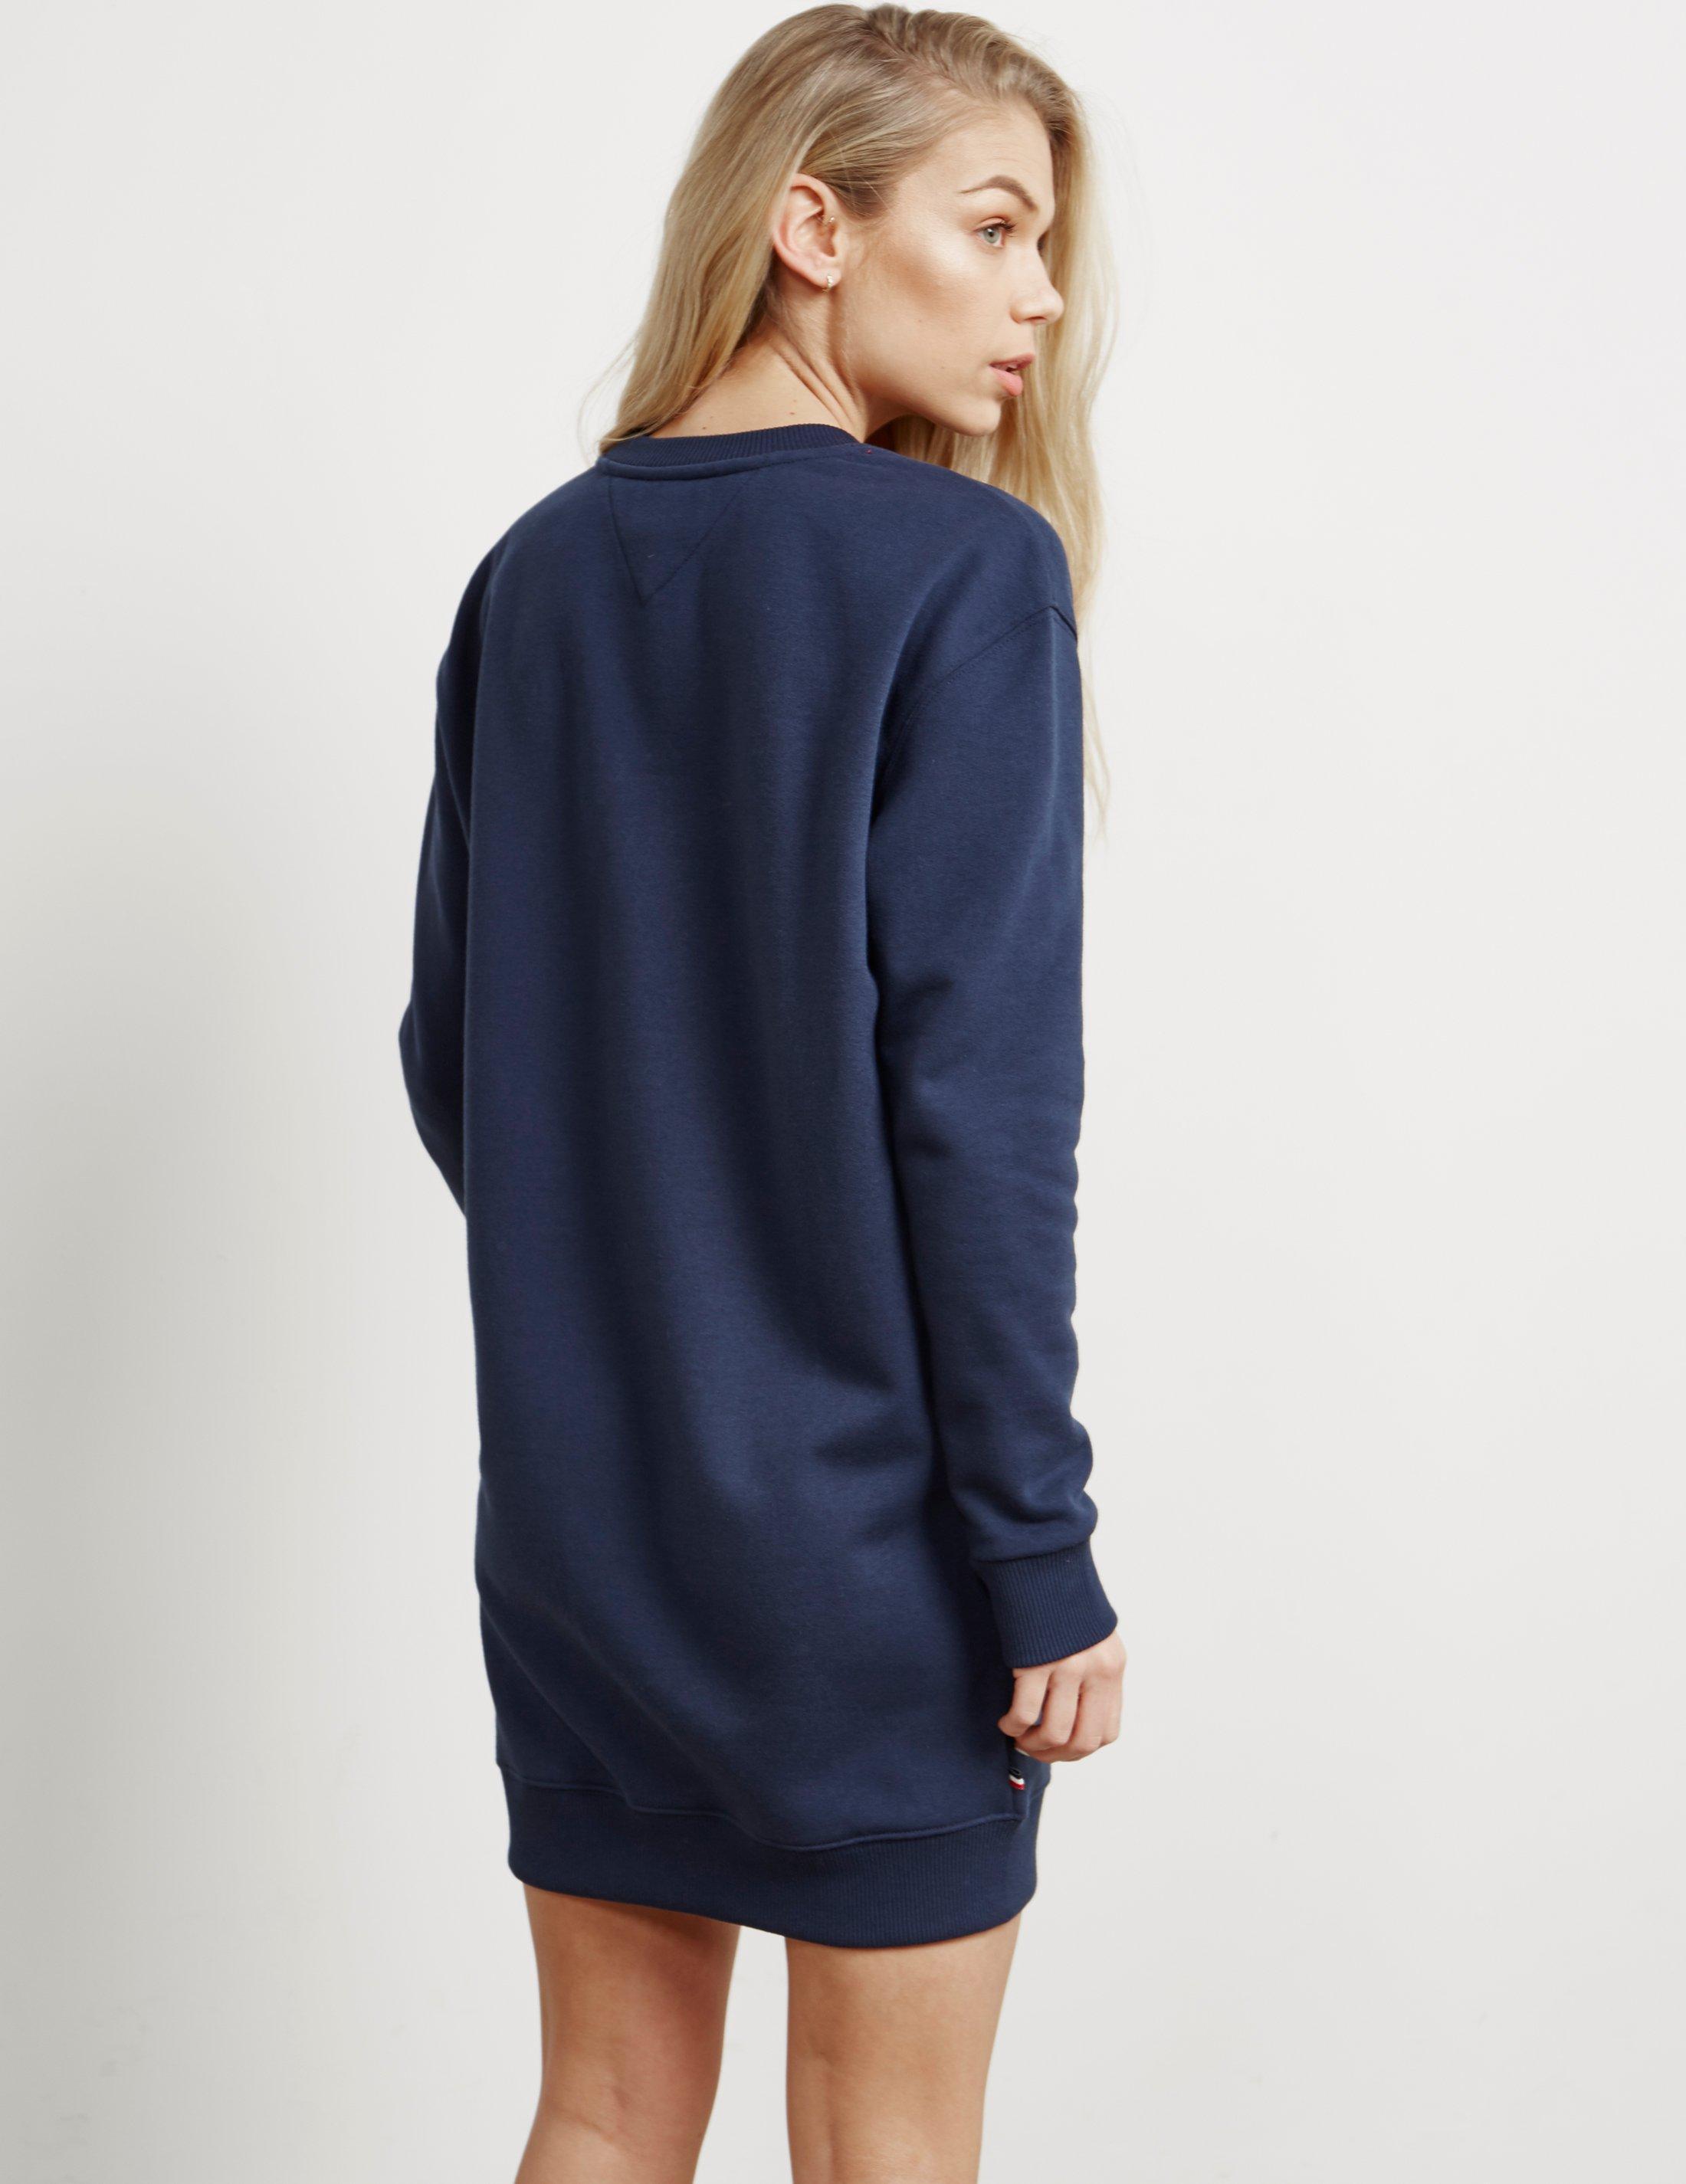 elegante Schuhe Online-Shop Fabrik authentisch Tommy Hilfiger Denim Womens Sweatshirt Dress Navy Blue - Lyst